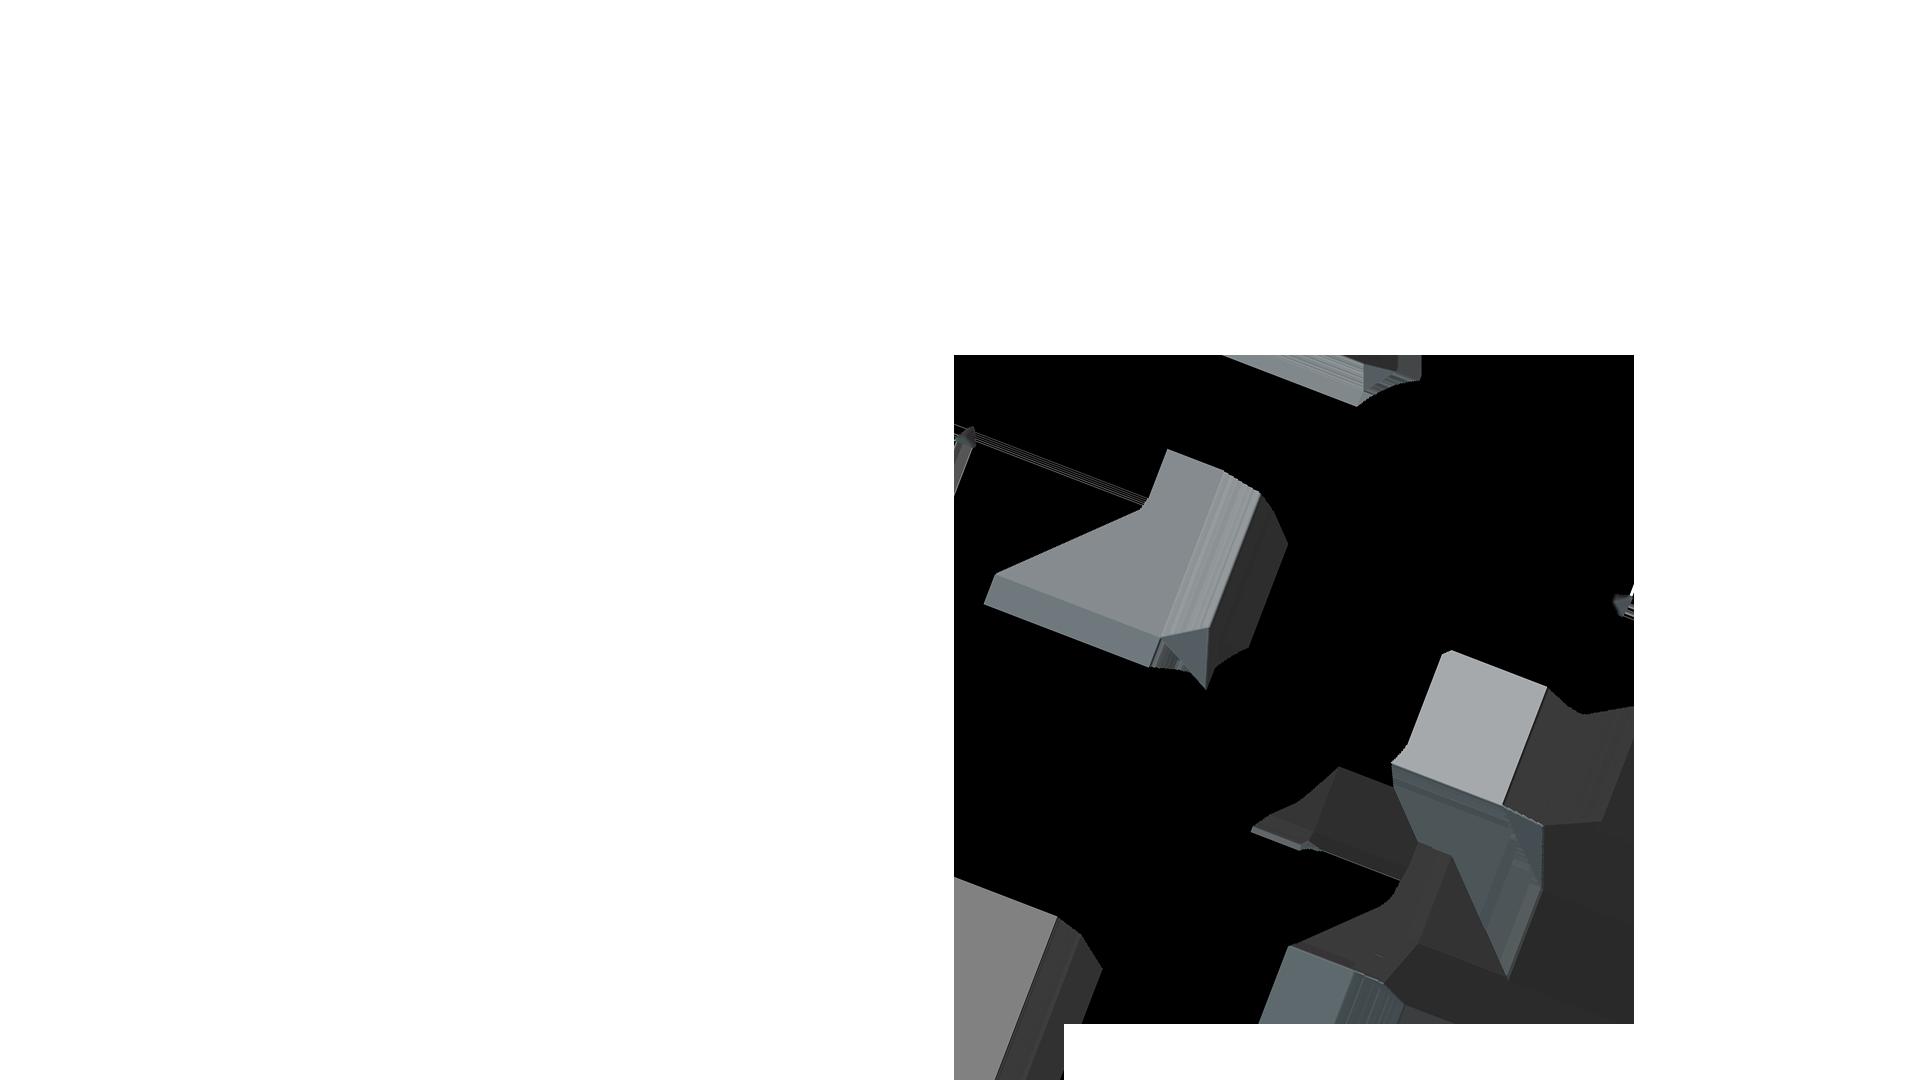 Polygons LiveLink